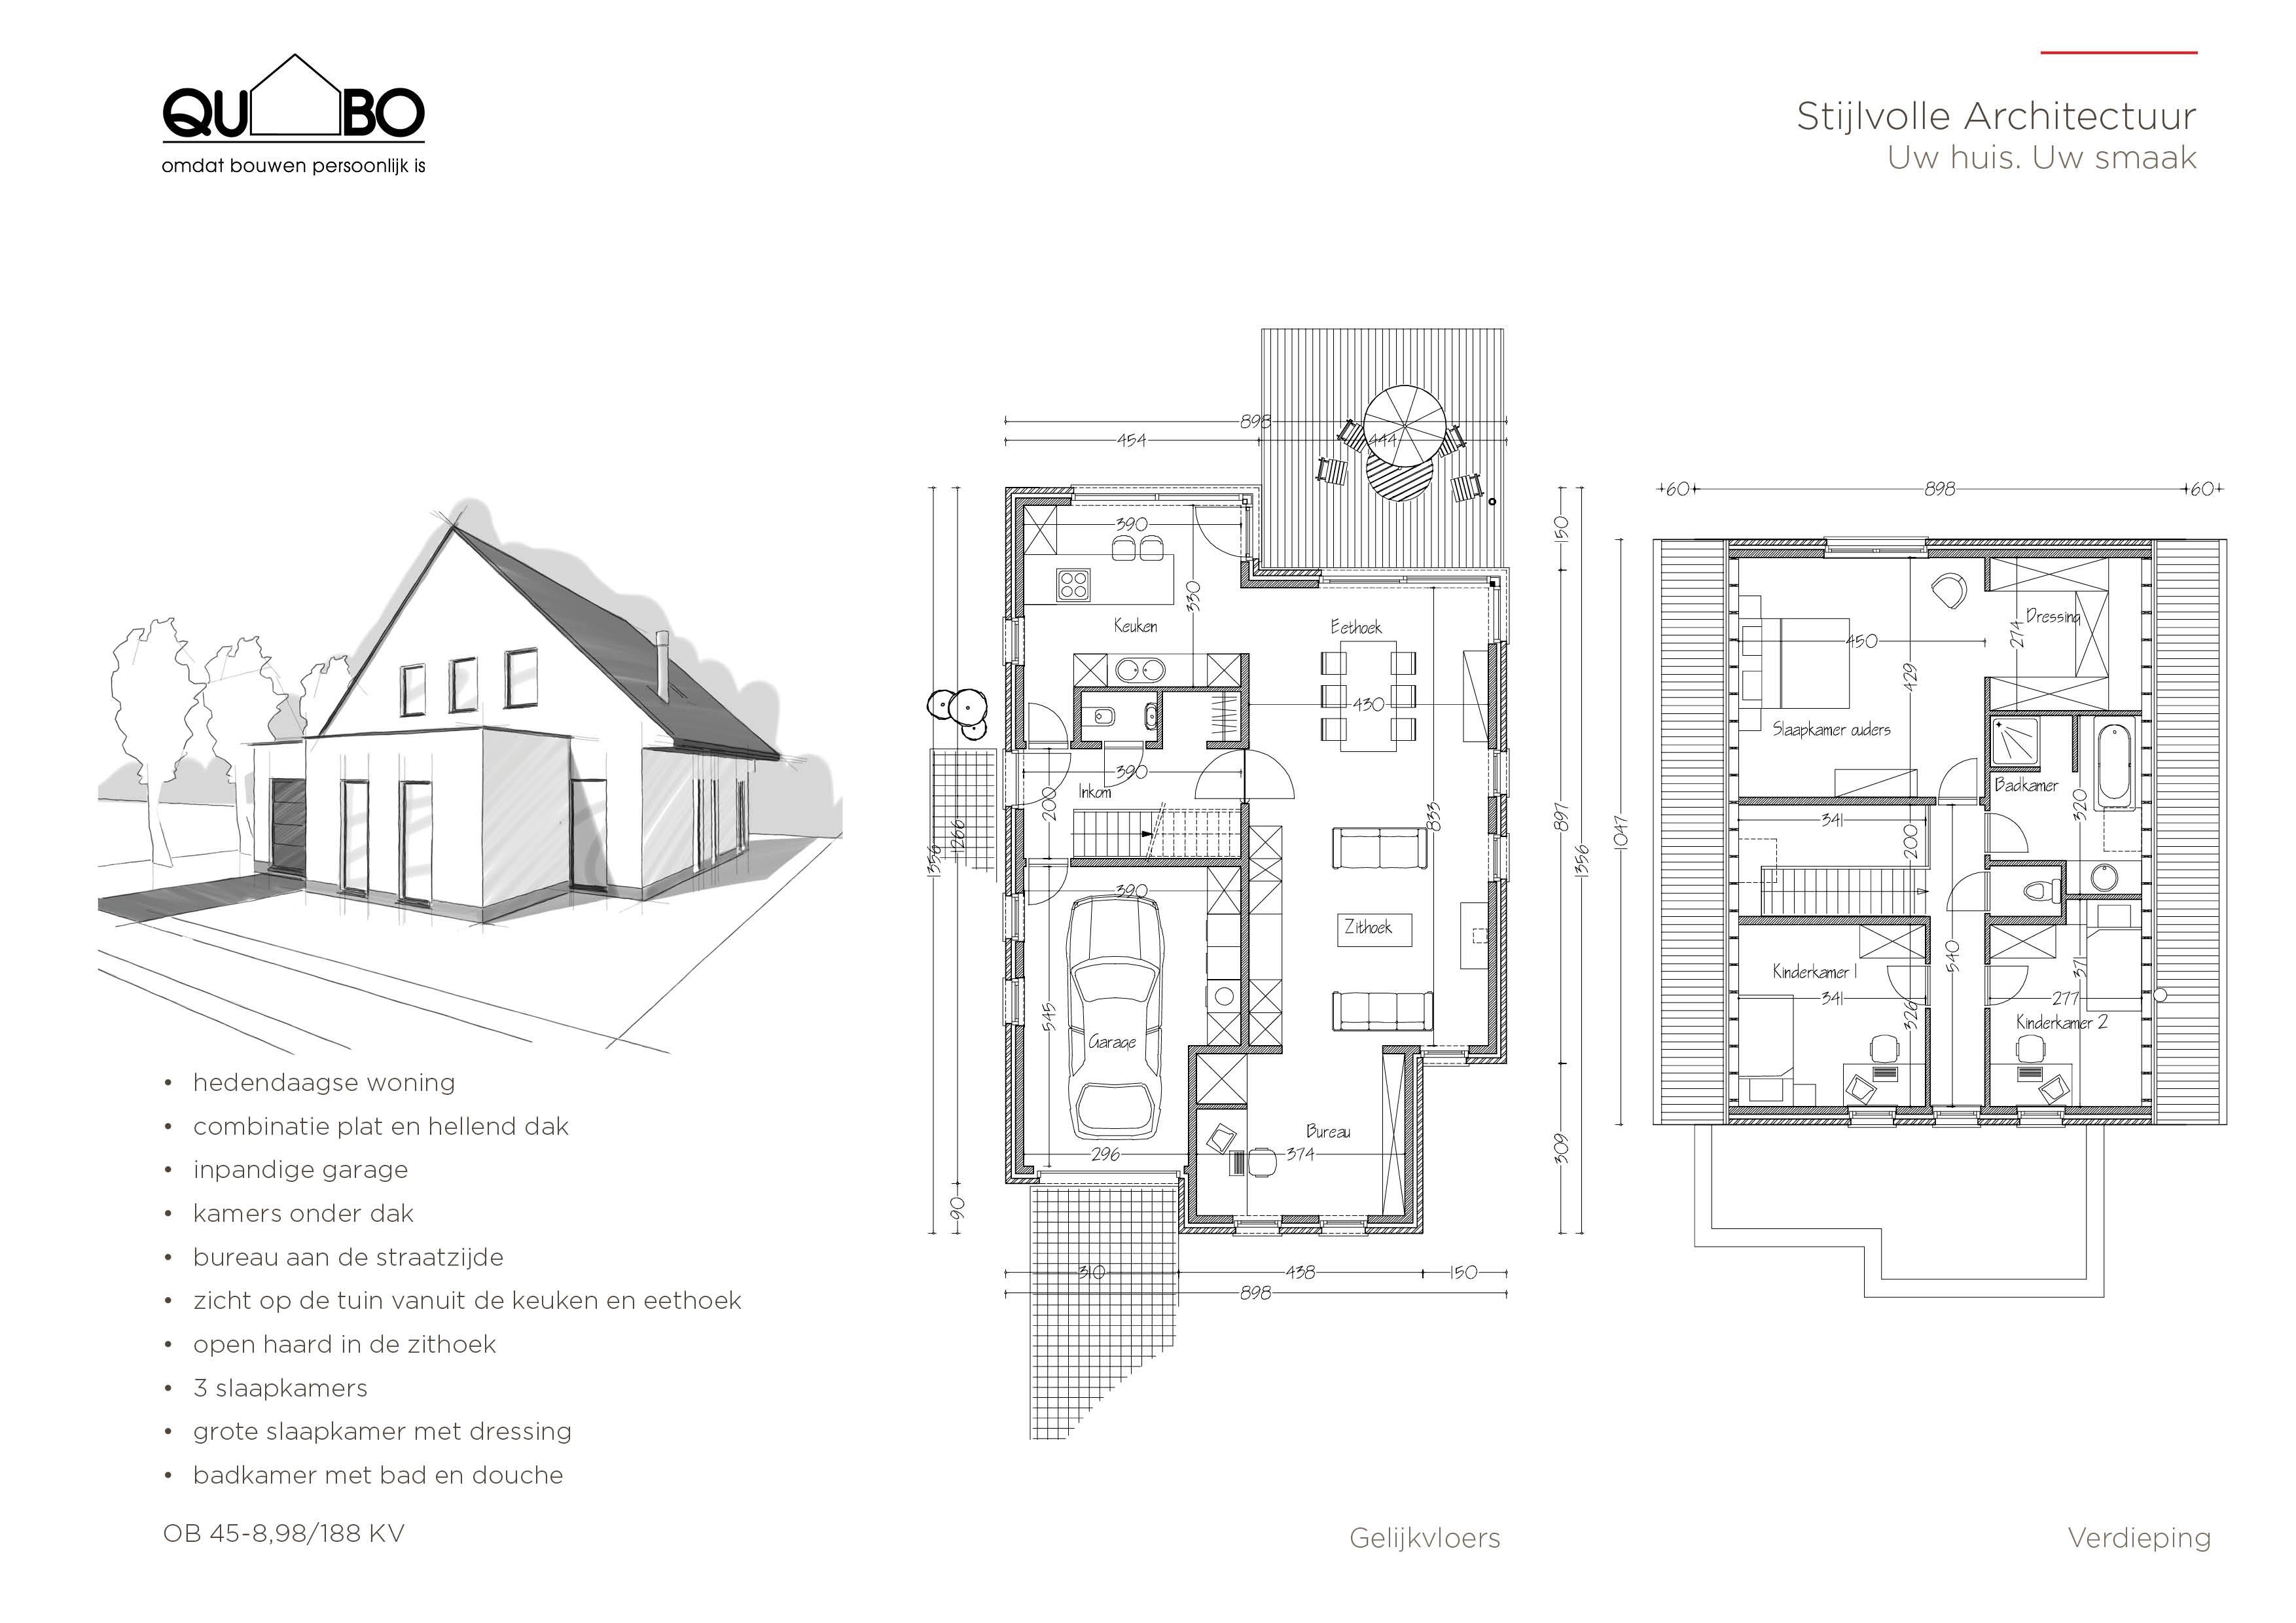 Voorbeeldplan 19 OB 45-8,98_188KV